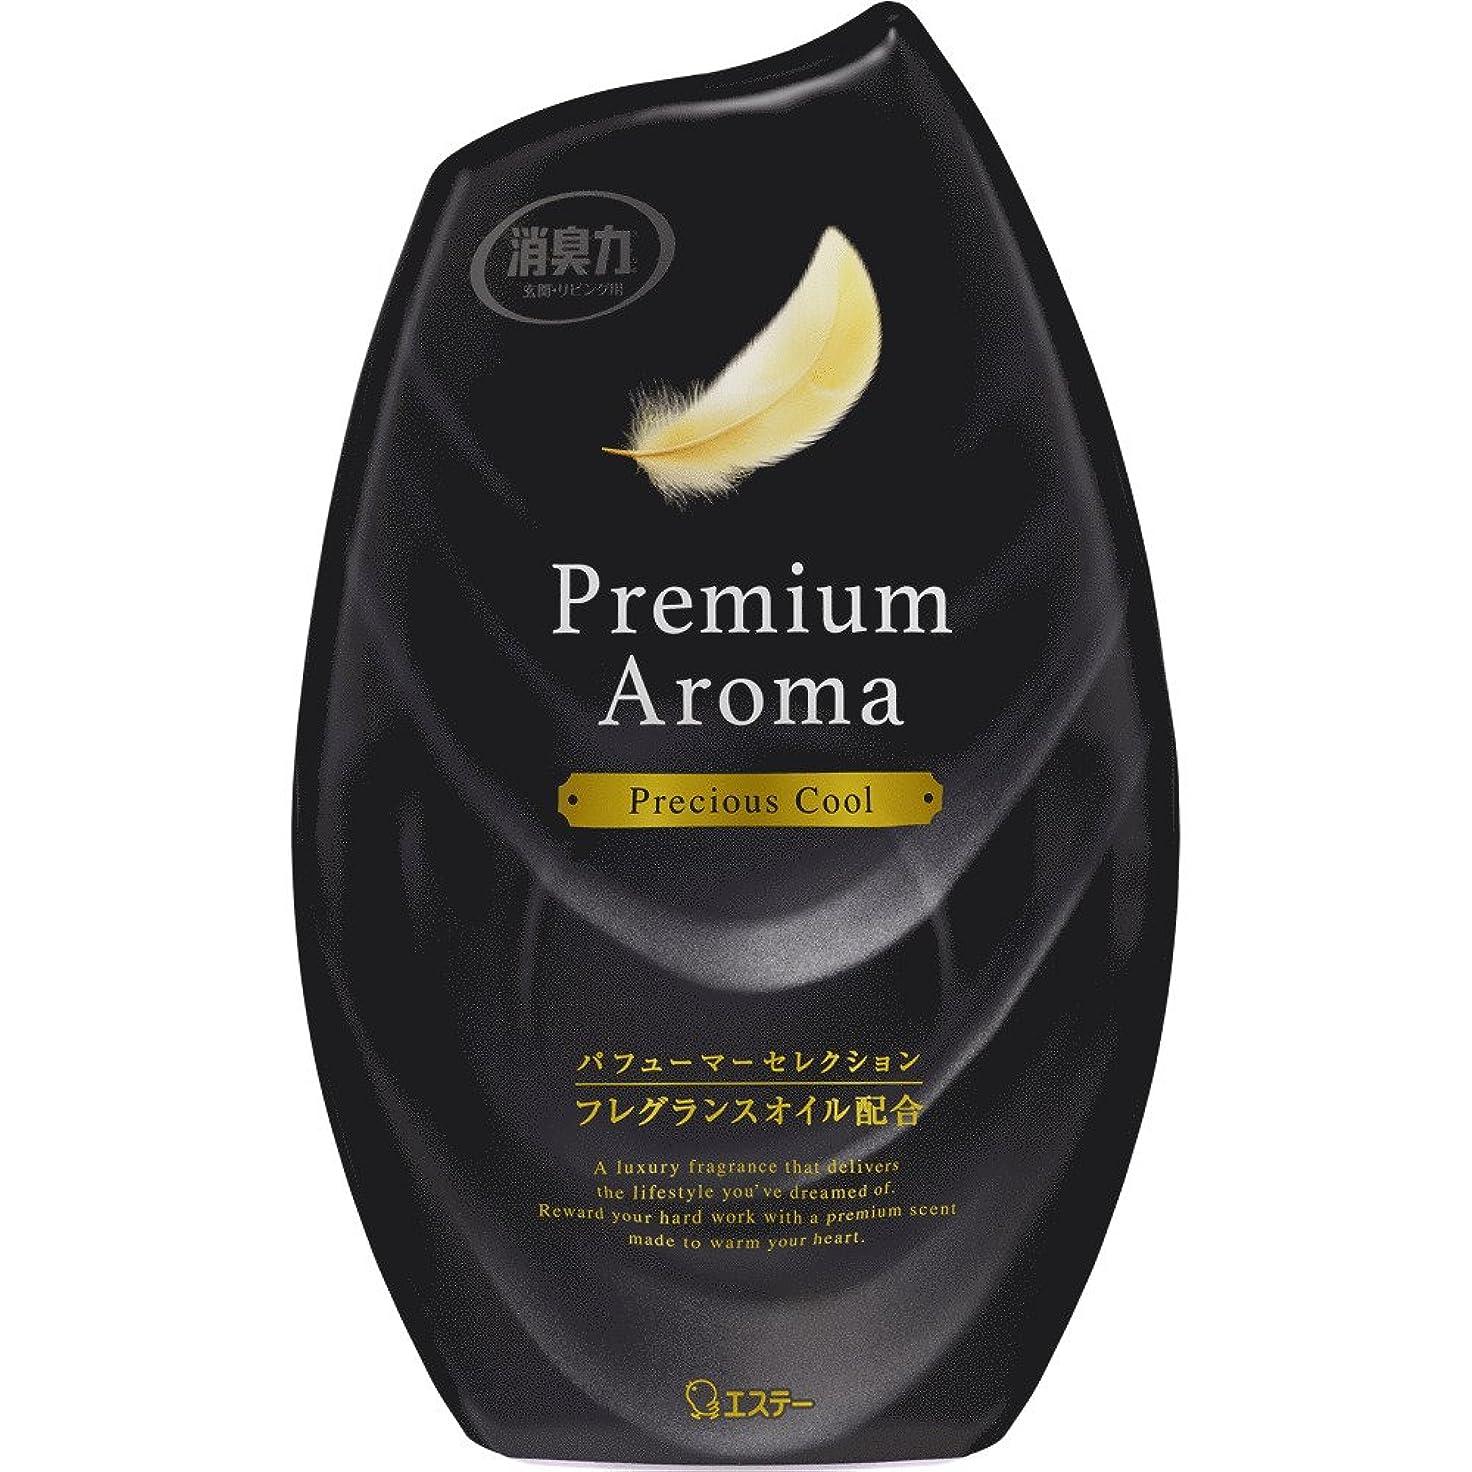 カーテン体操選手マイルお部屋の消臭力 プレミアムアロマ Premium Aroma 消臭芳香剤 部屋用 部屋 プレシャスクールの香り 400ml